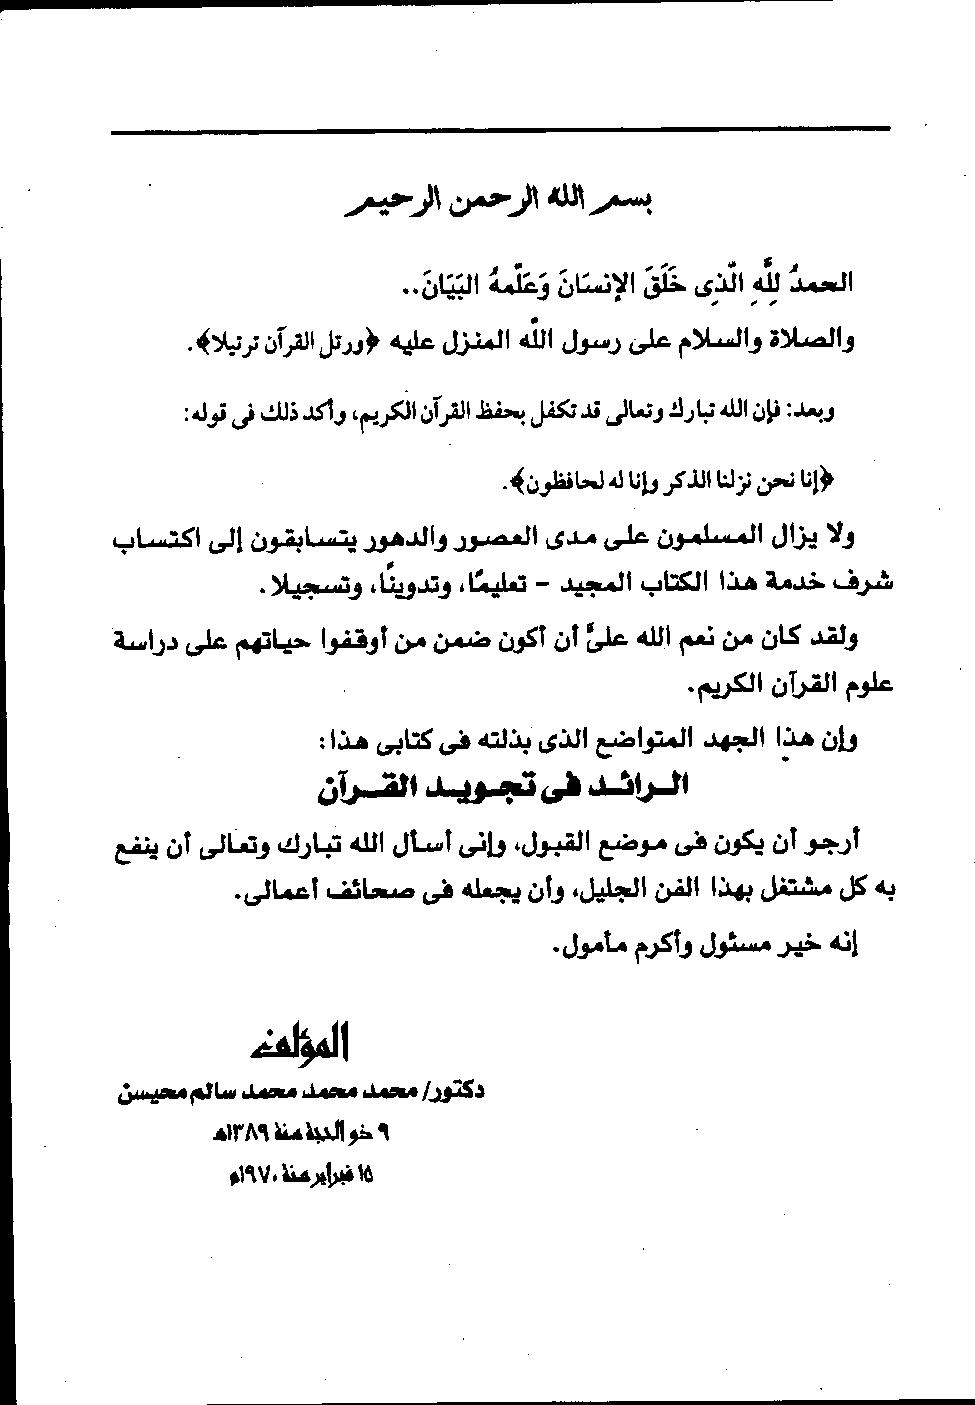 تحميل كتاب الرائد في تجويد القرآن لـِ: الدكتور محمد محمد محمد سالم محيسن (ت 1422)